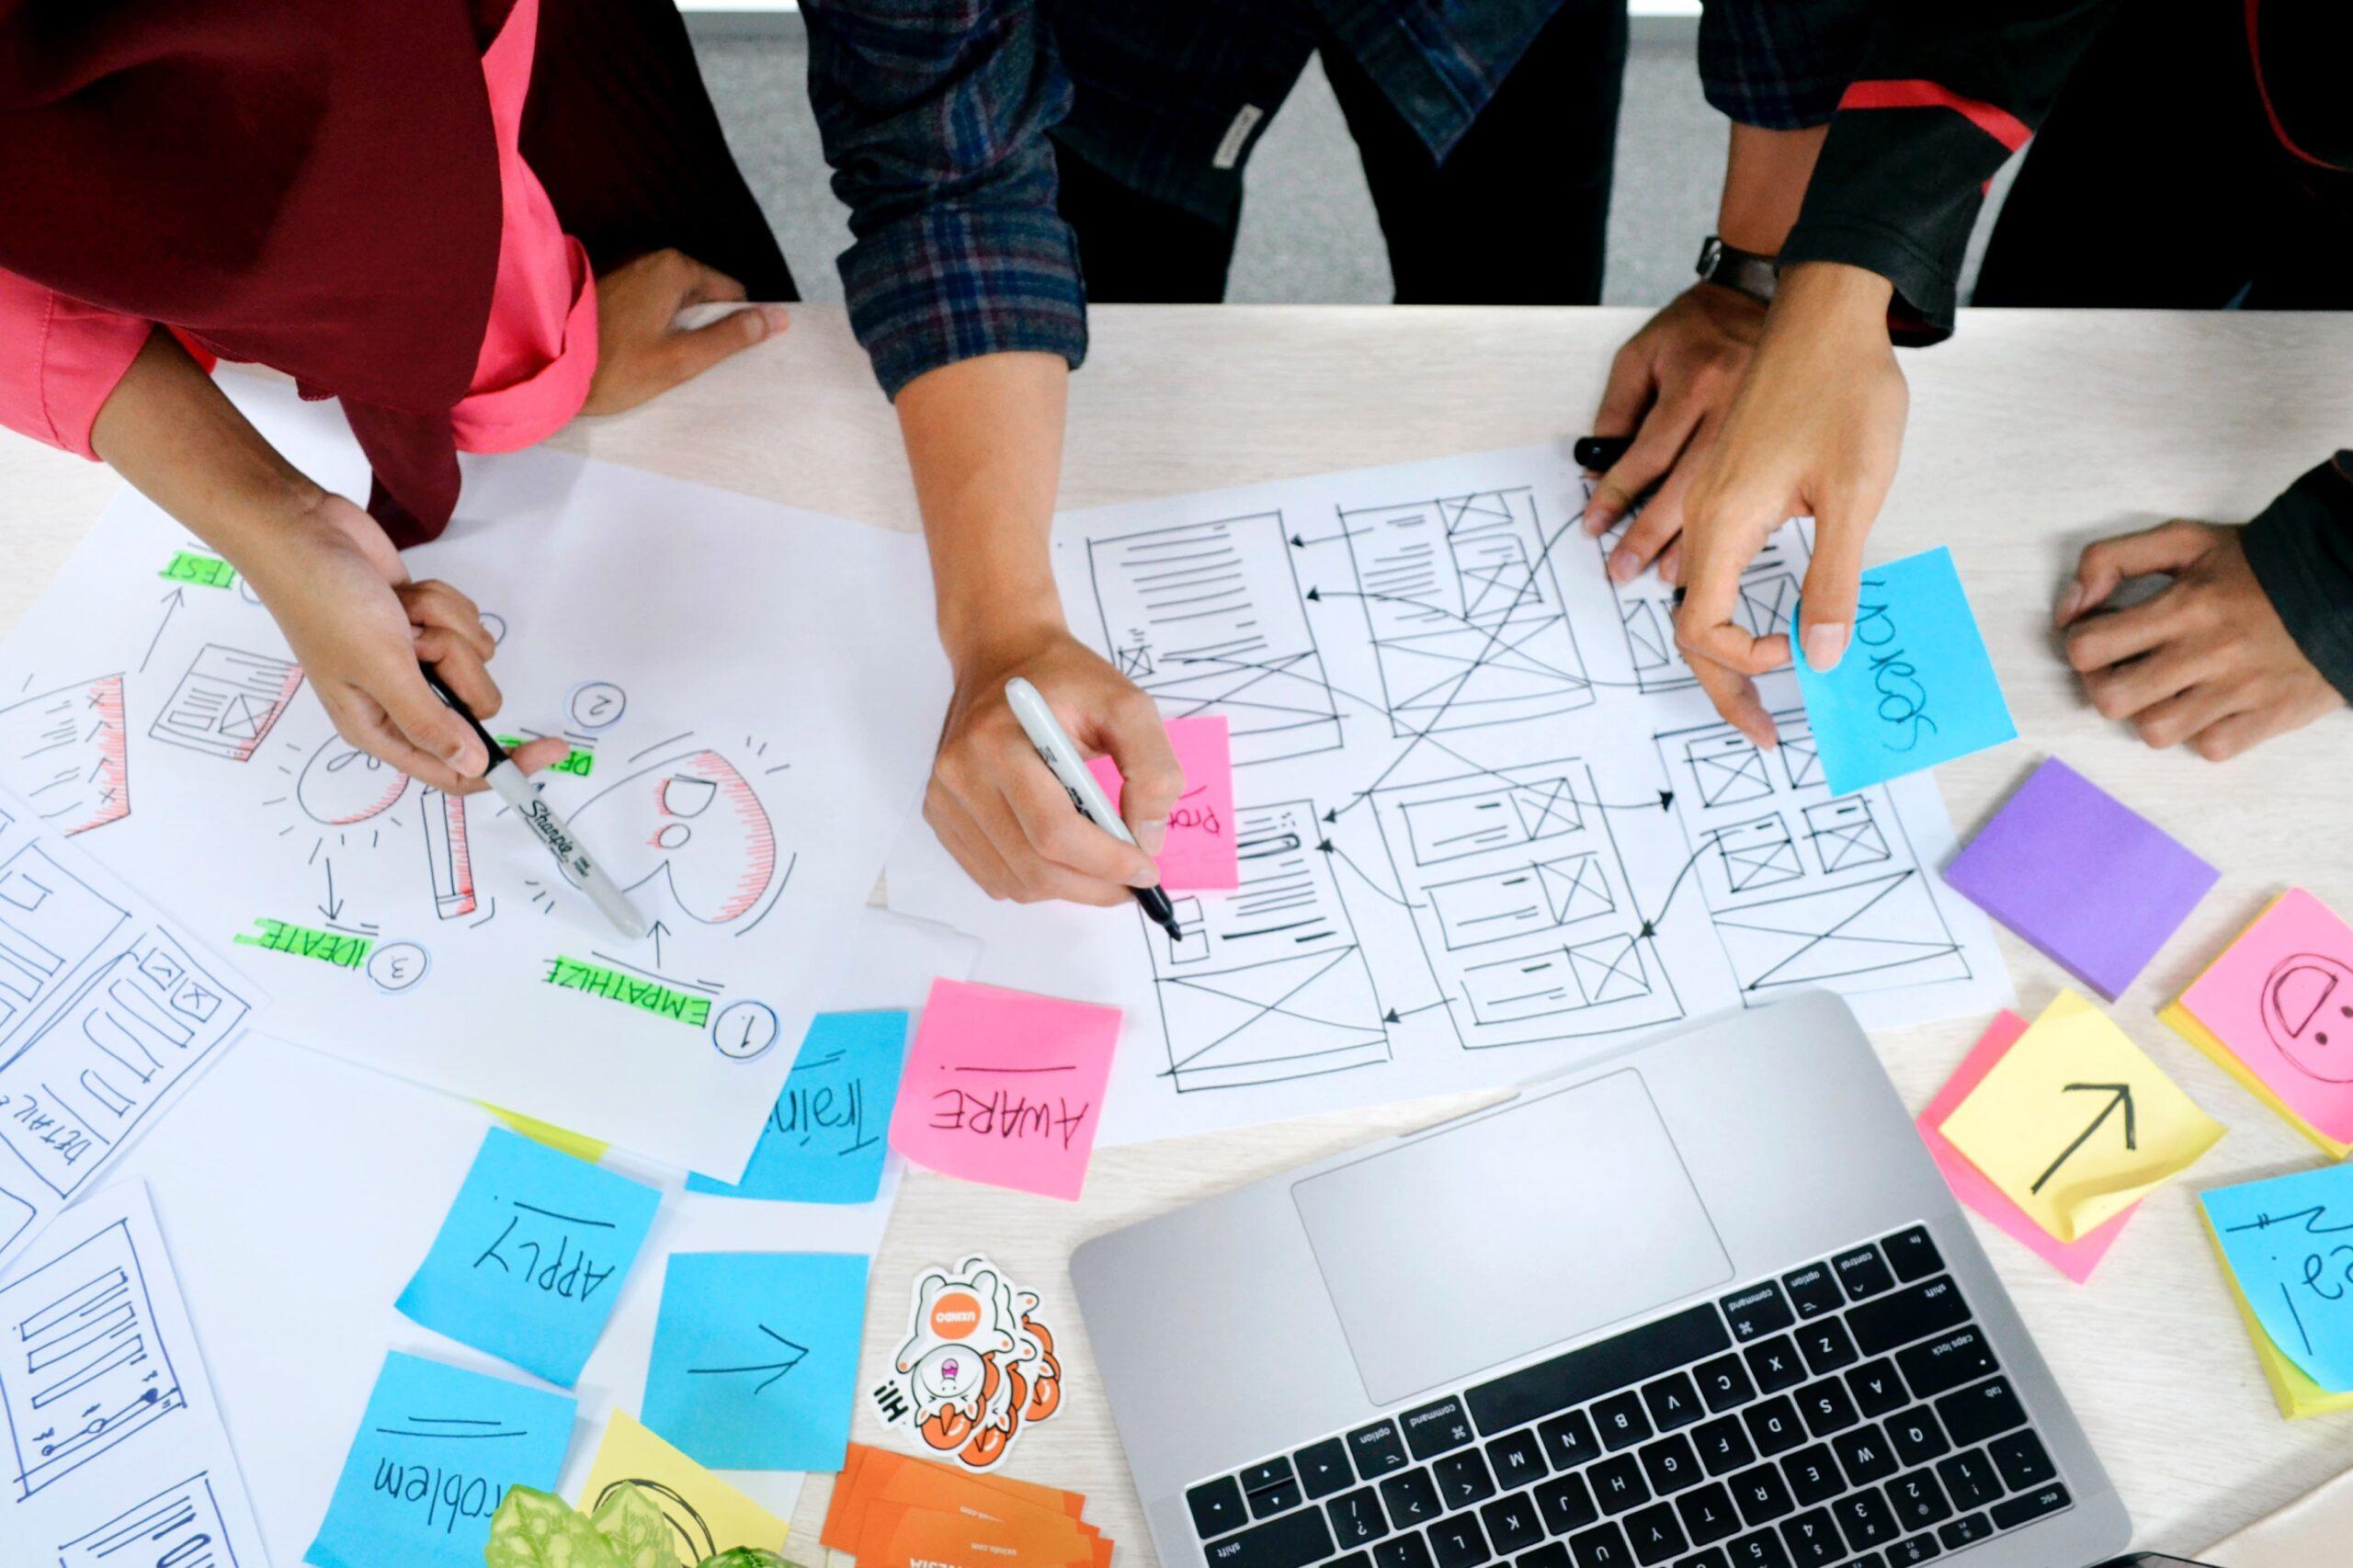 Desenvolvedores E Ux Designers Estudando Metas De Usabilidade